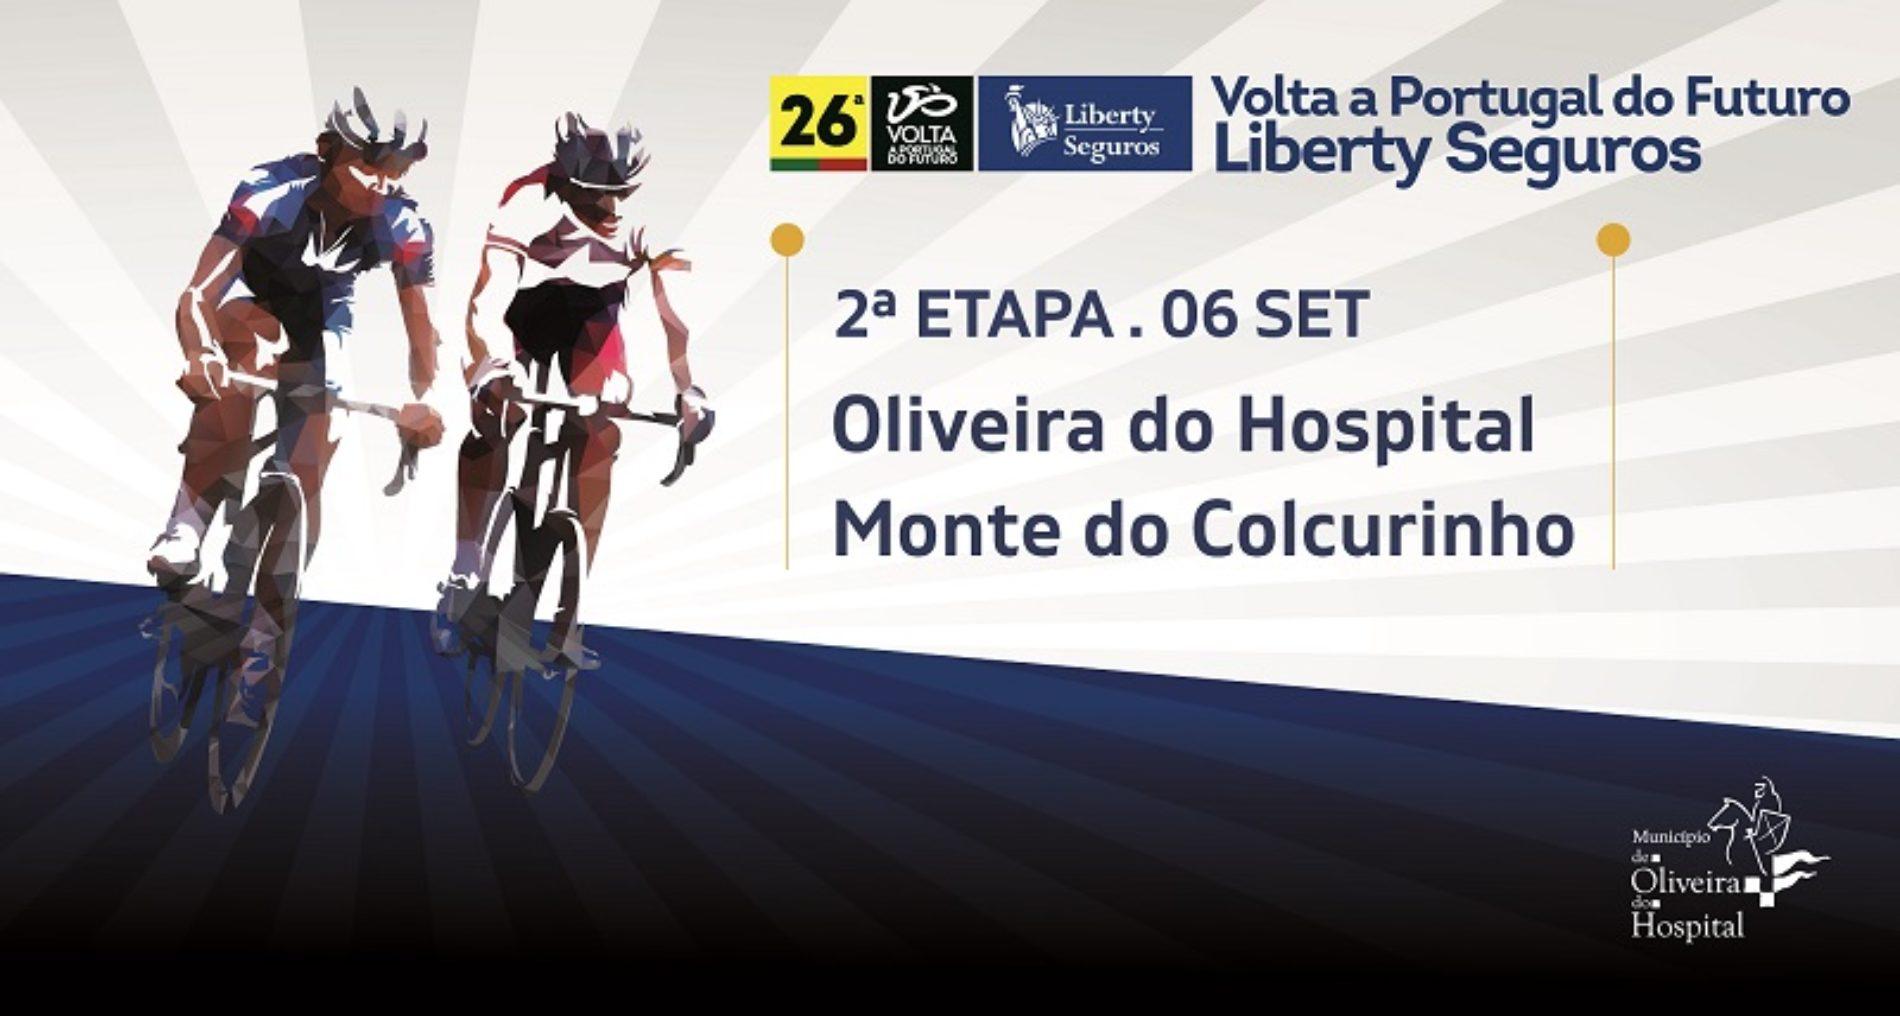 Oliveira do Hospital recebe amanhã 2ª etapa da 26ª Volta a Portugal do Futuro